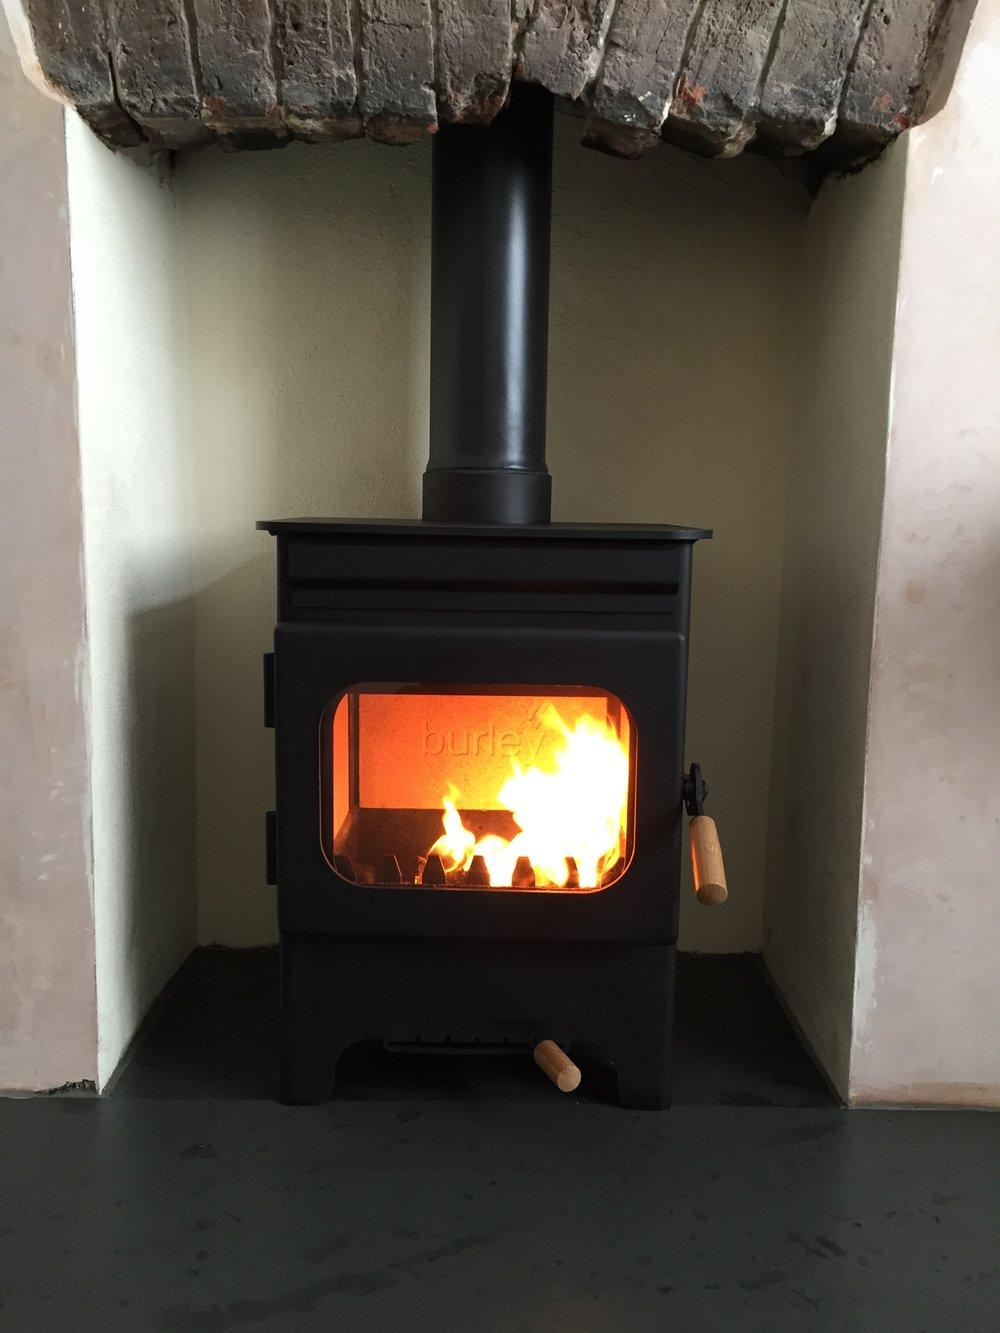 burley-9104-brighton-woodburner